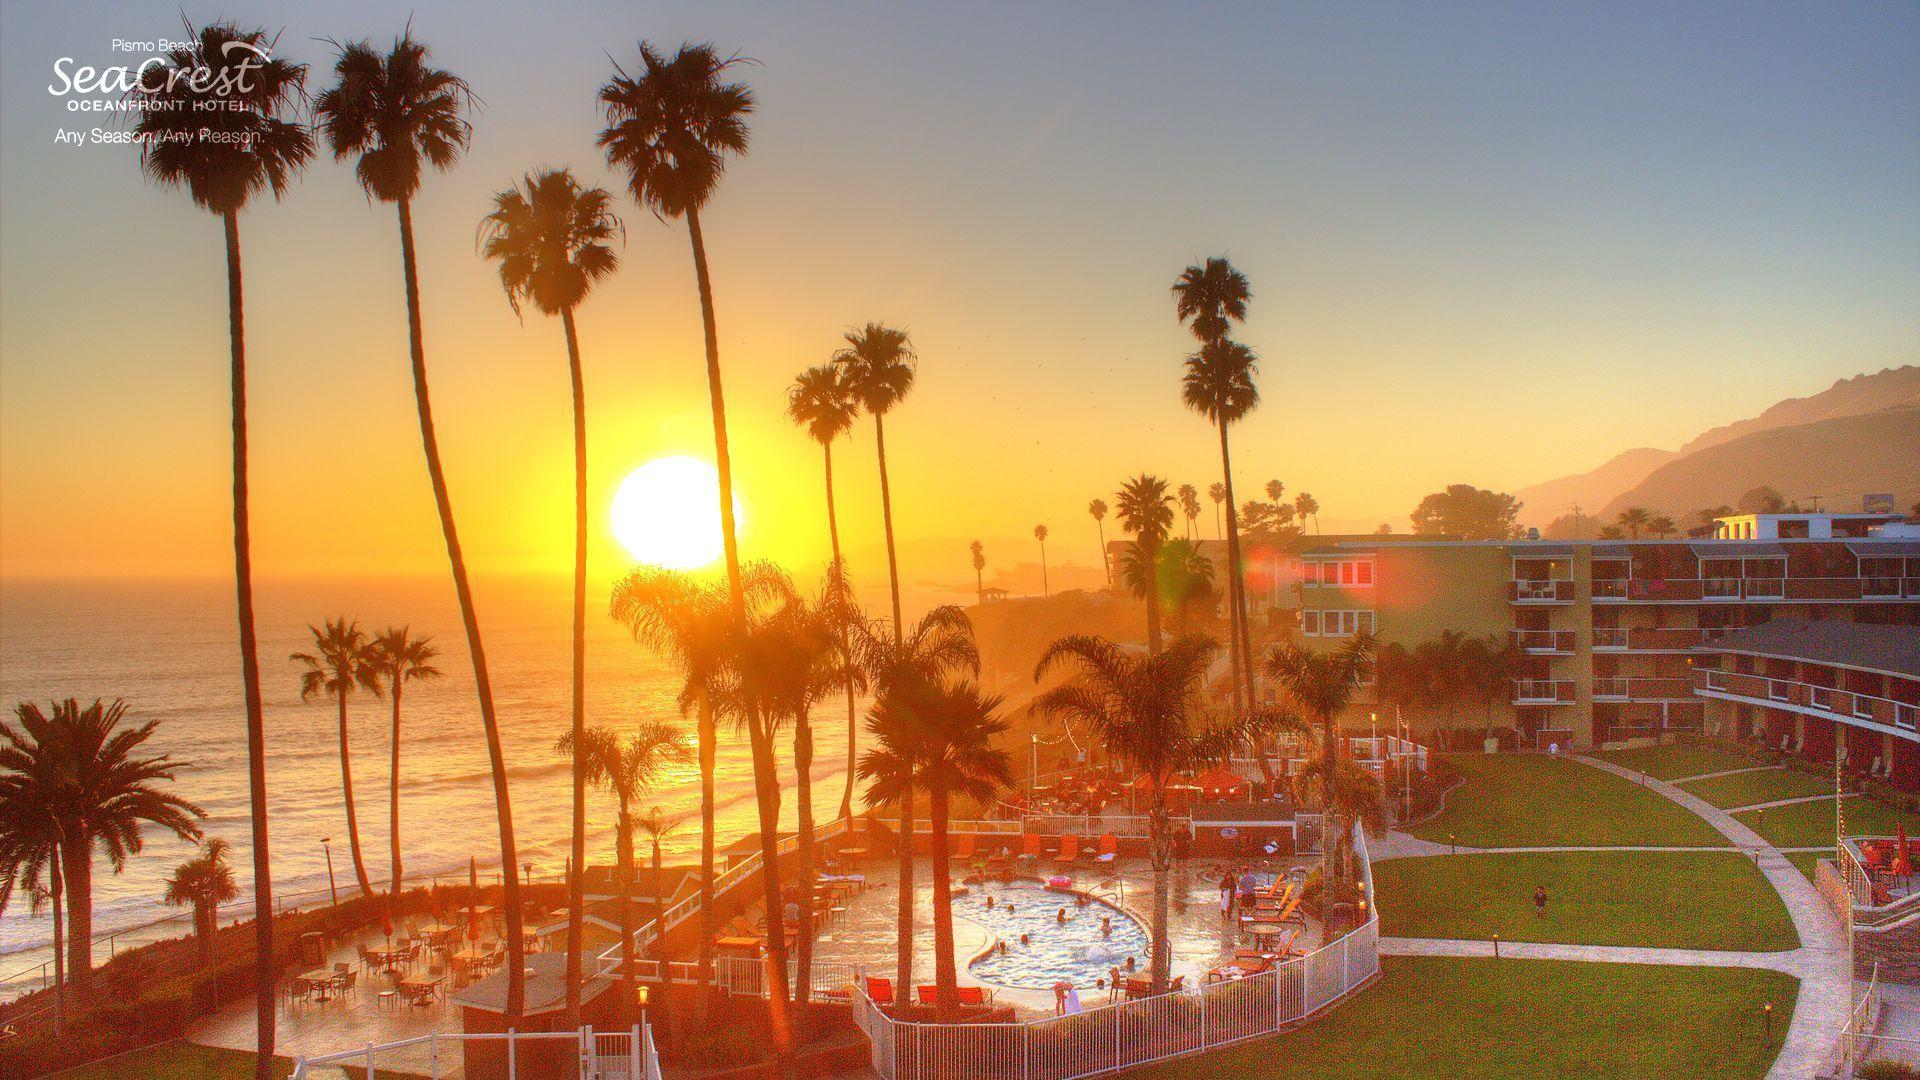 Seacrest Oceanfront Hotel In Pismo